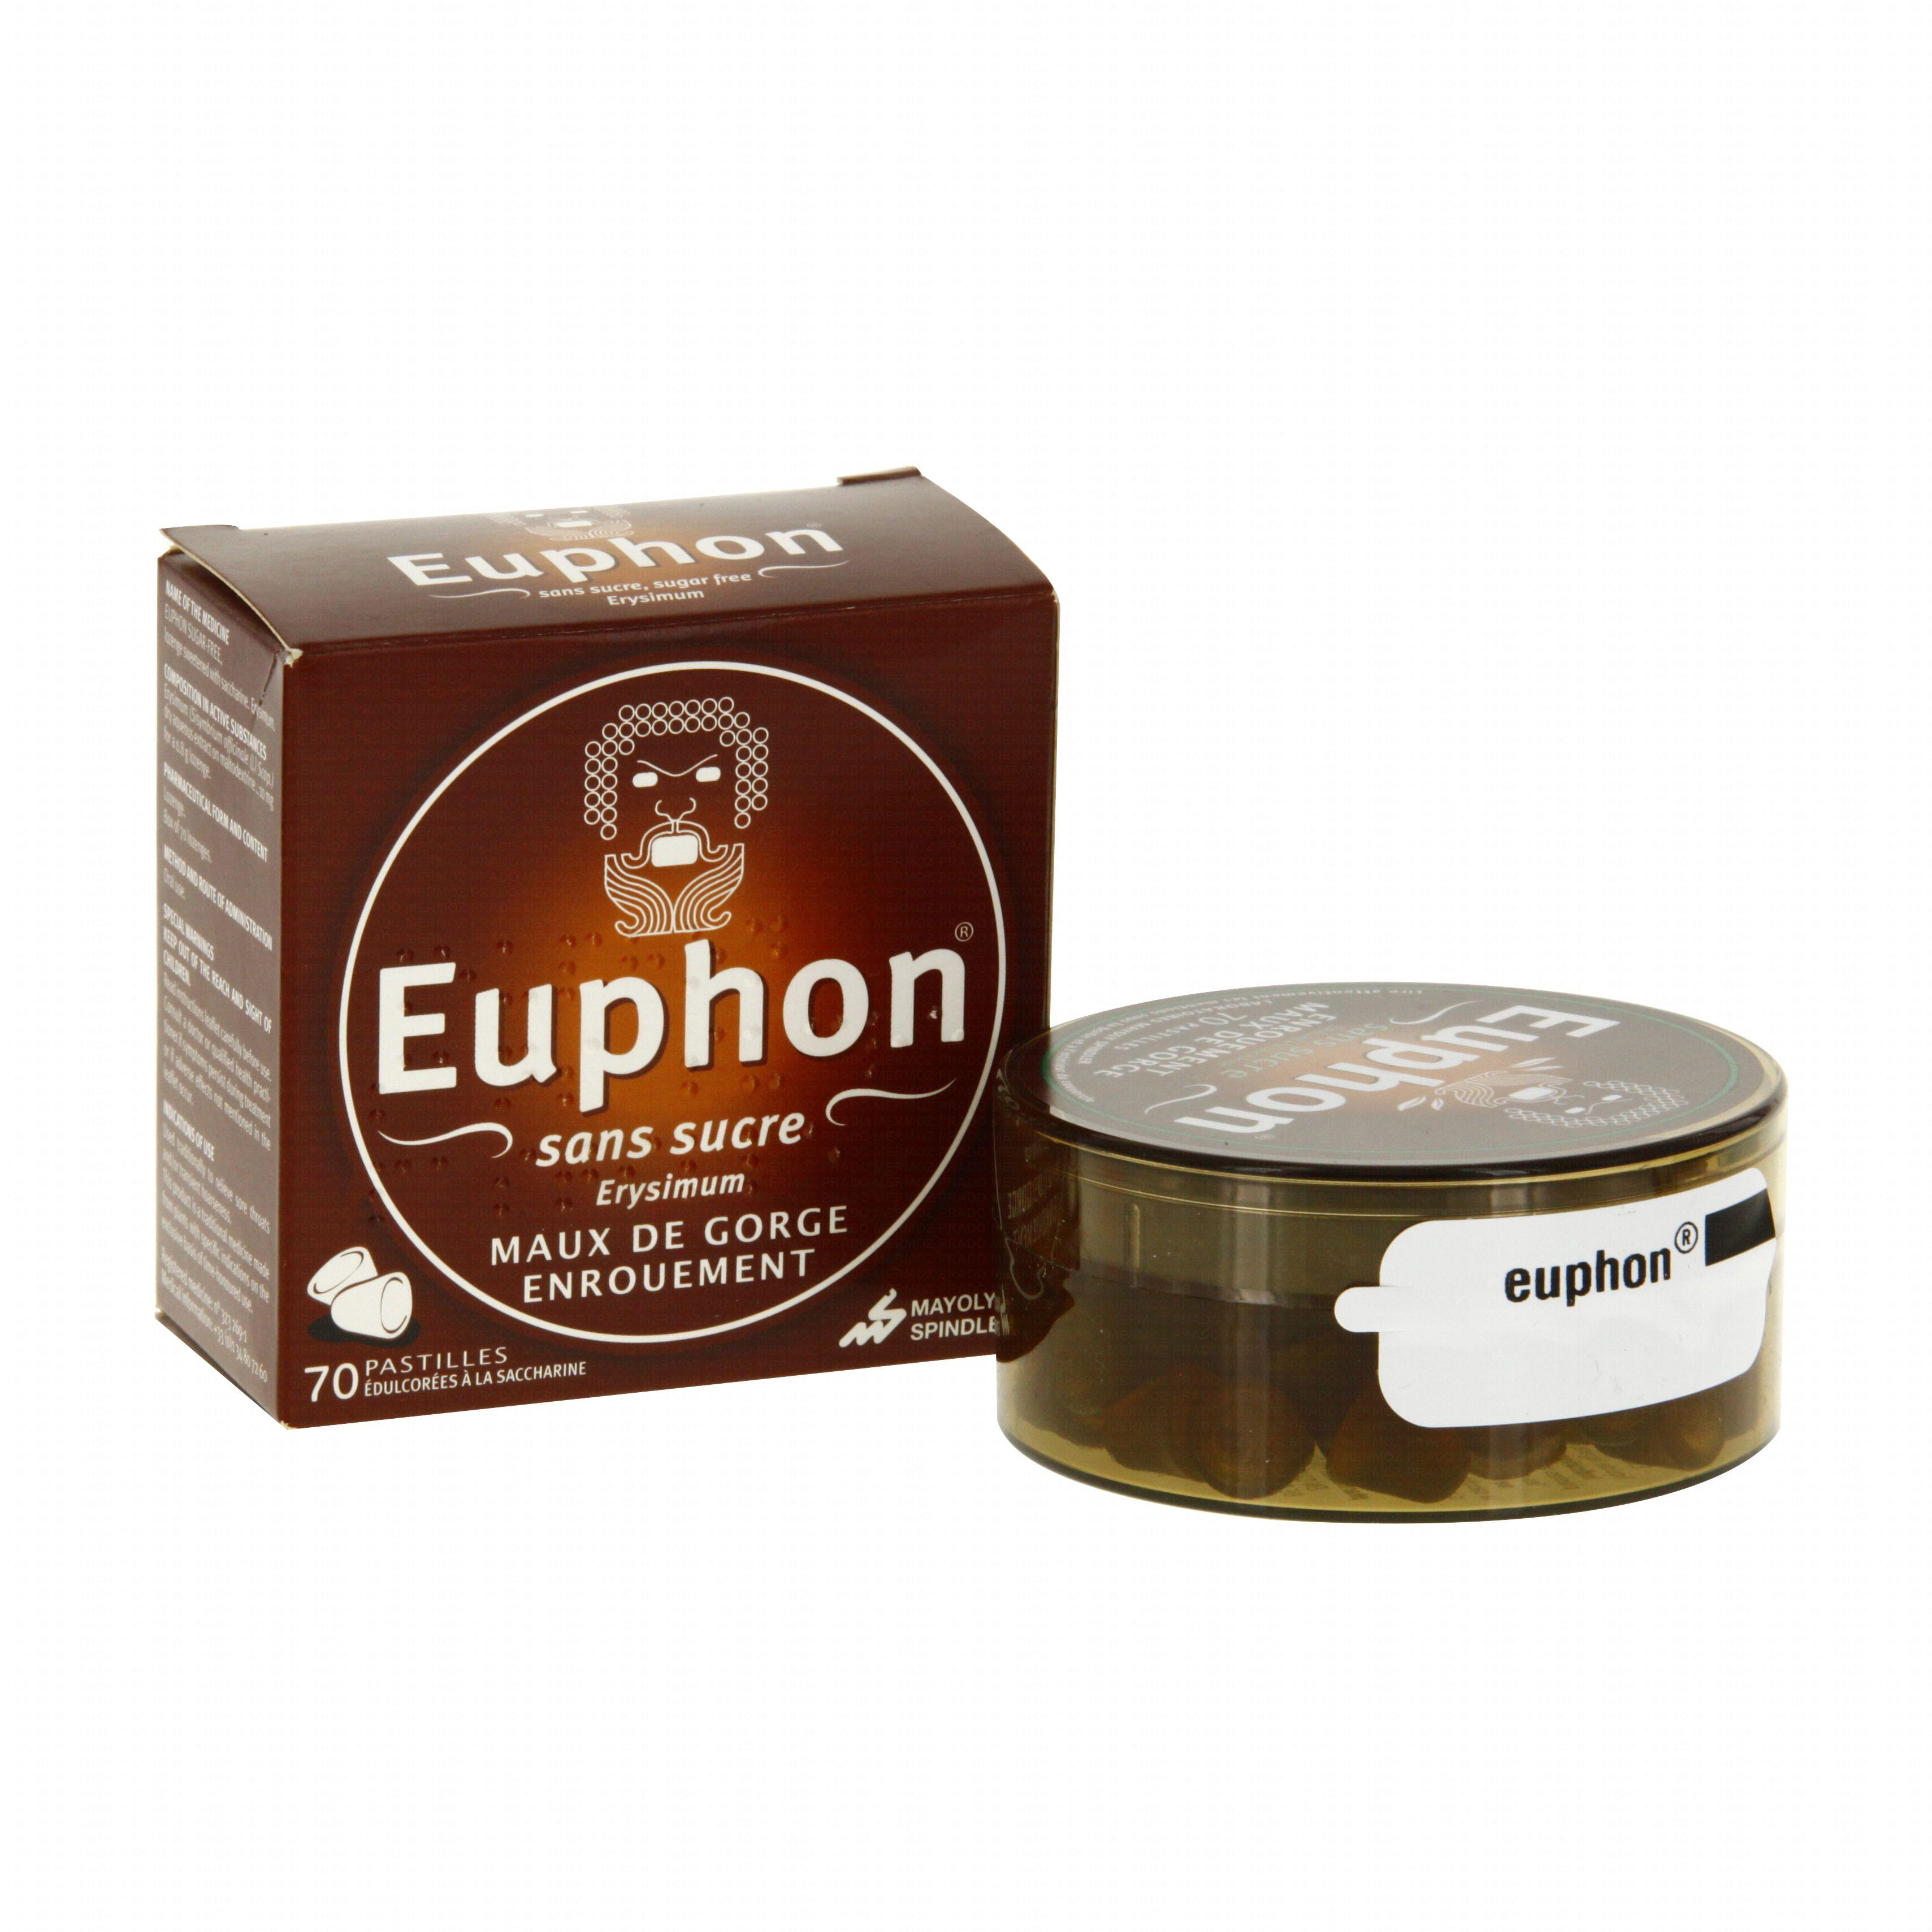 Euphon sans sucre boîte de 70 pastilles Mayoly-spindler